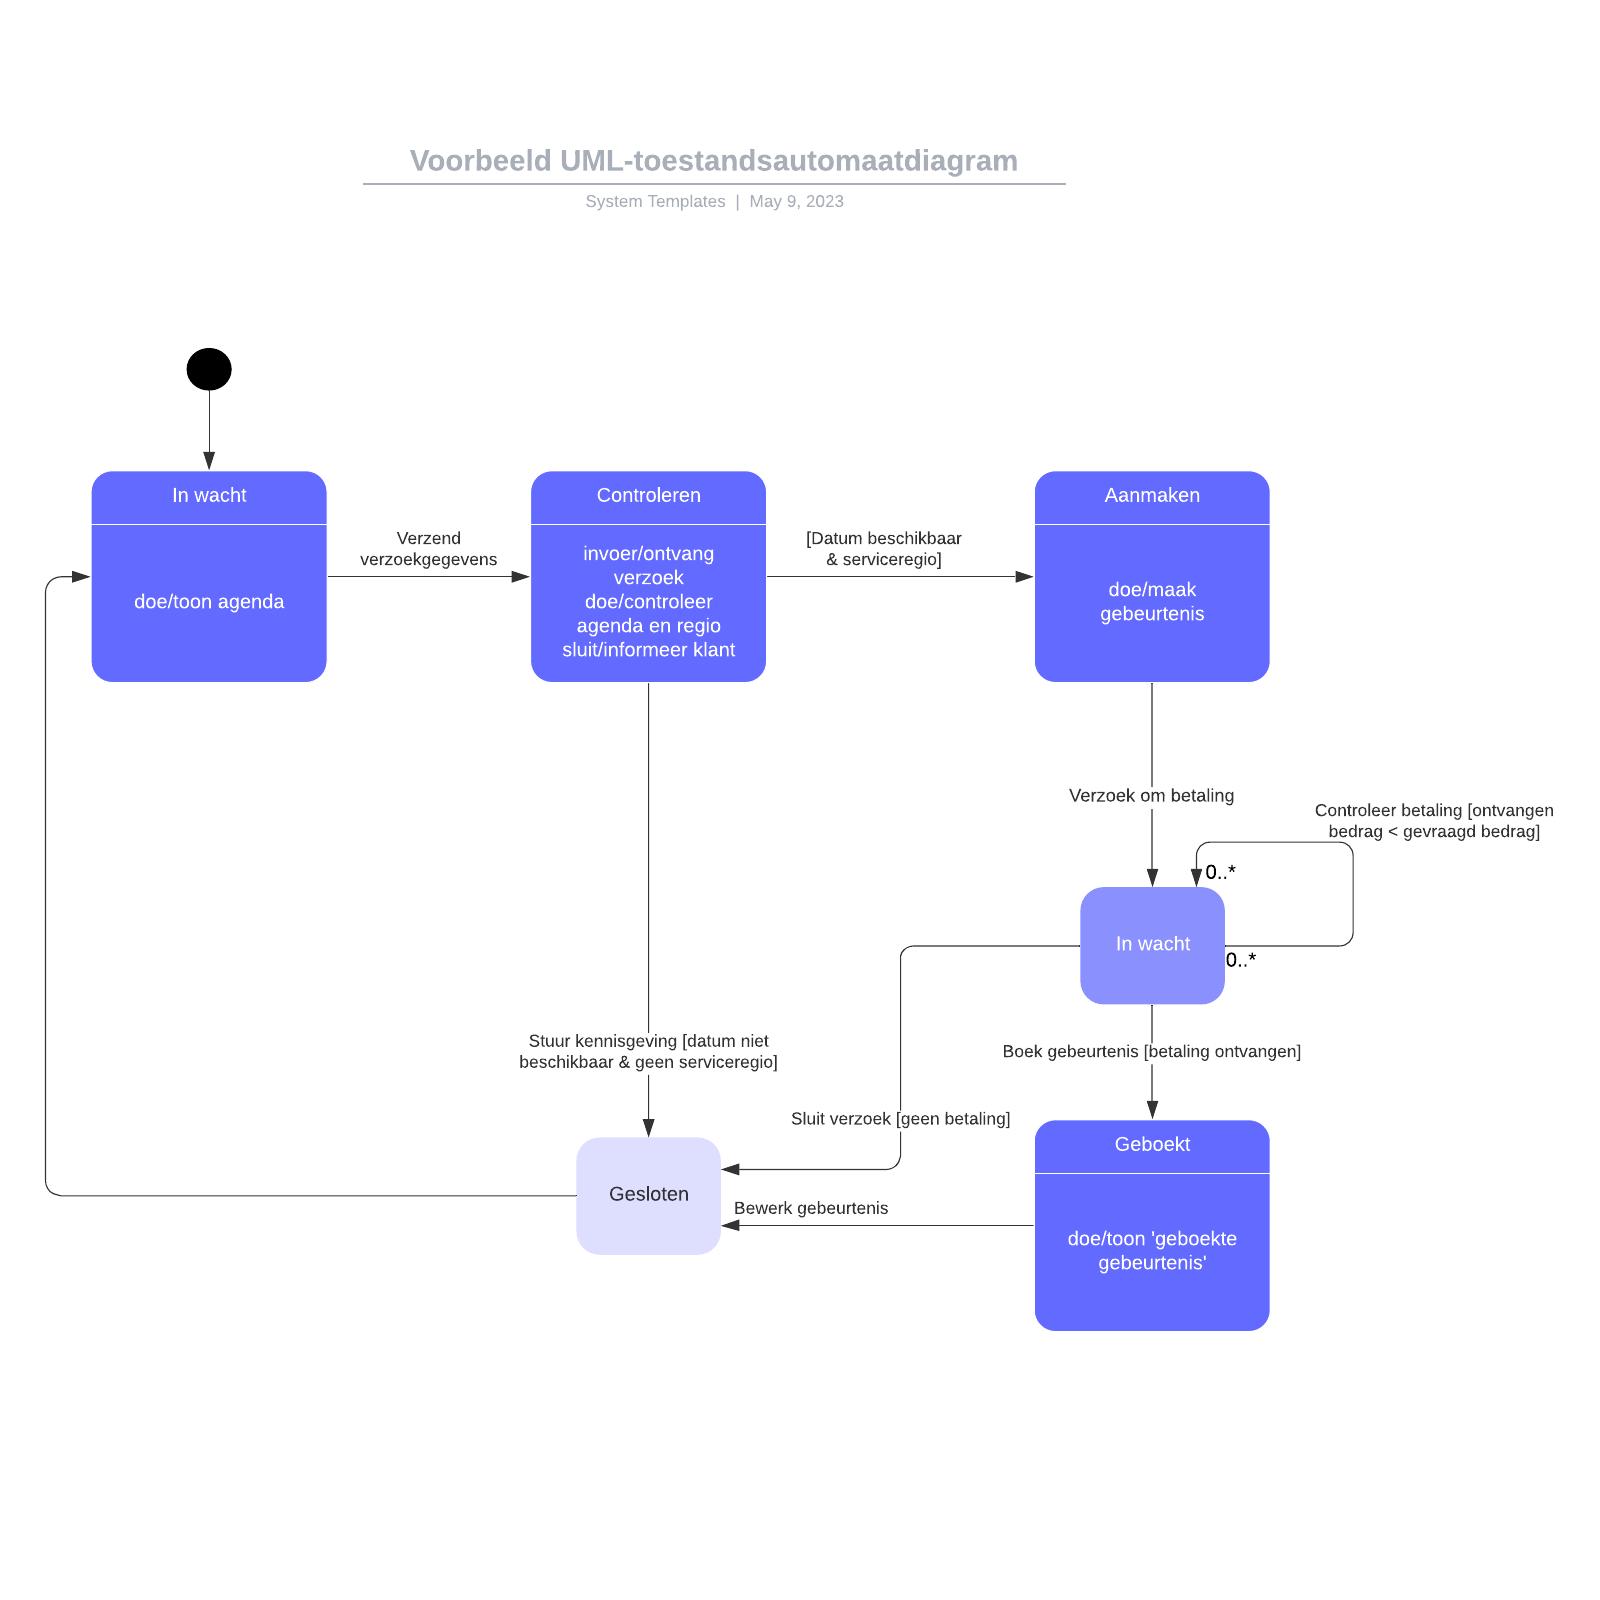 Voorbeeld UML-toestandsautomaatdiagram